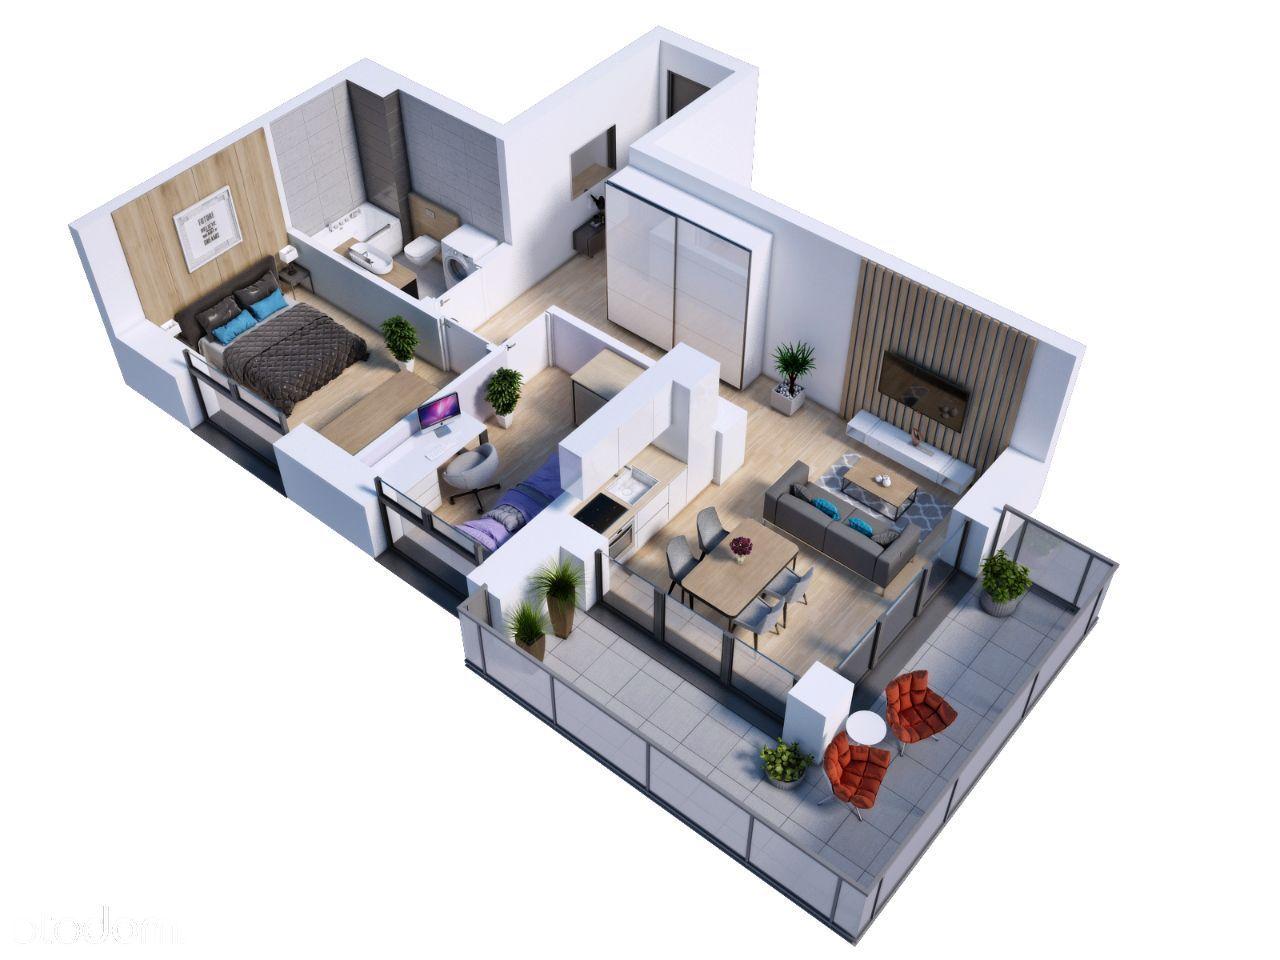 3 pokoje z balkonem, idealne dla rodziny